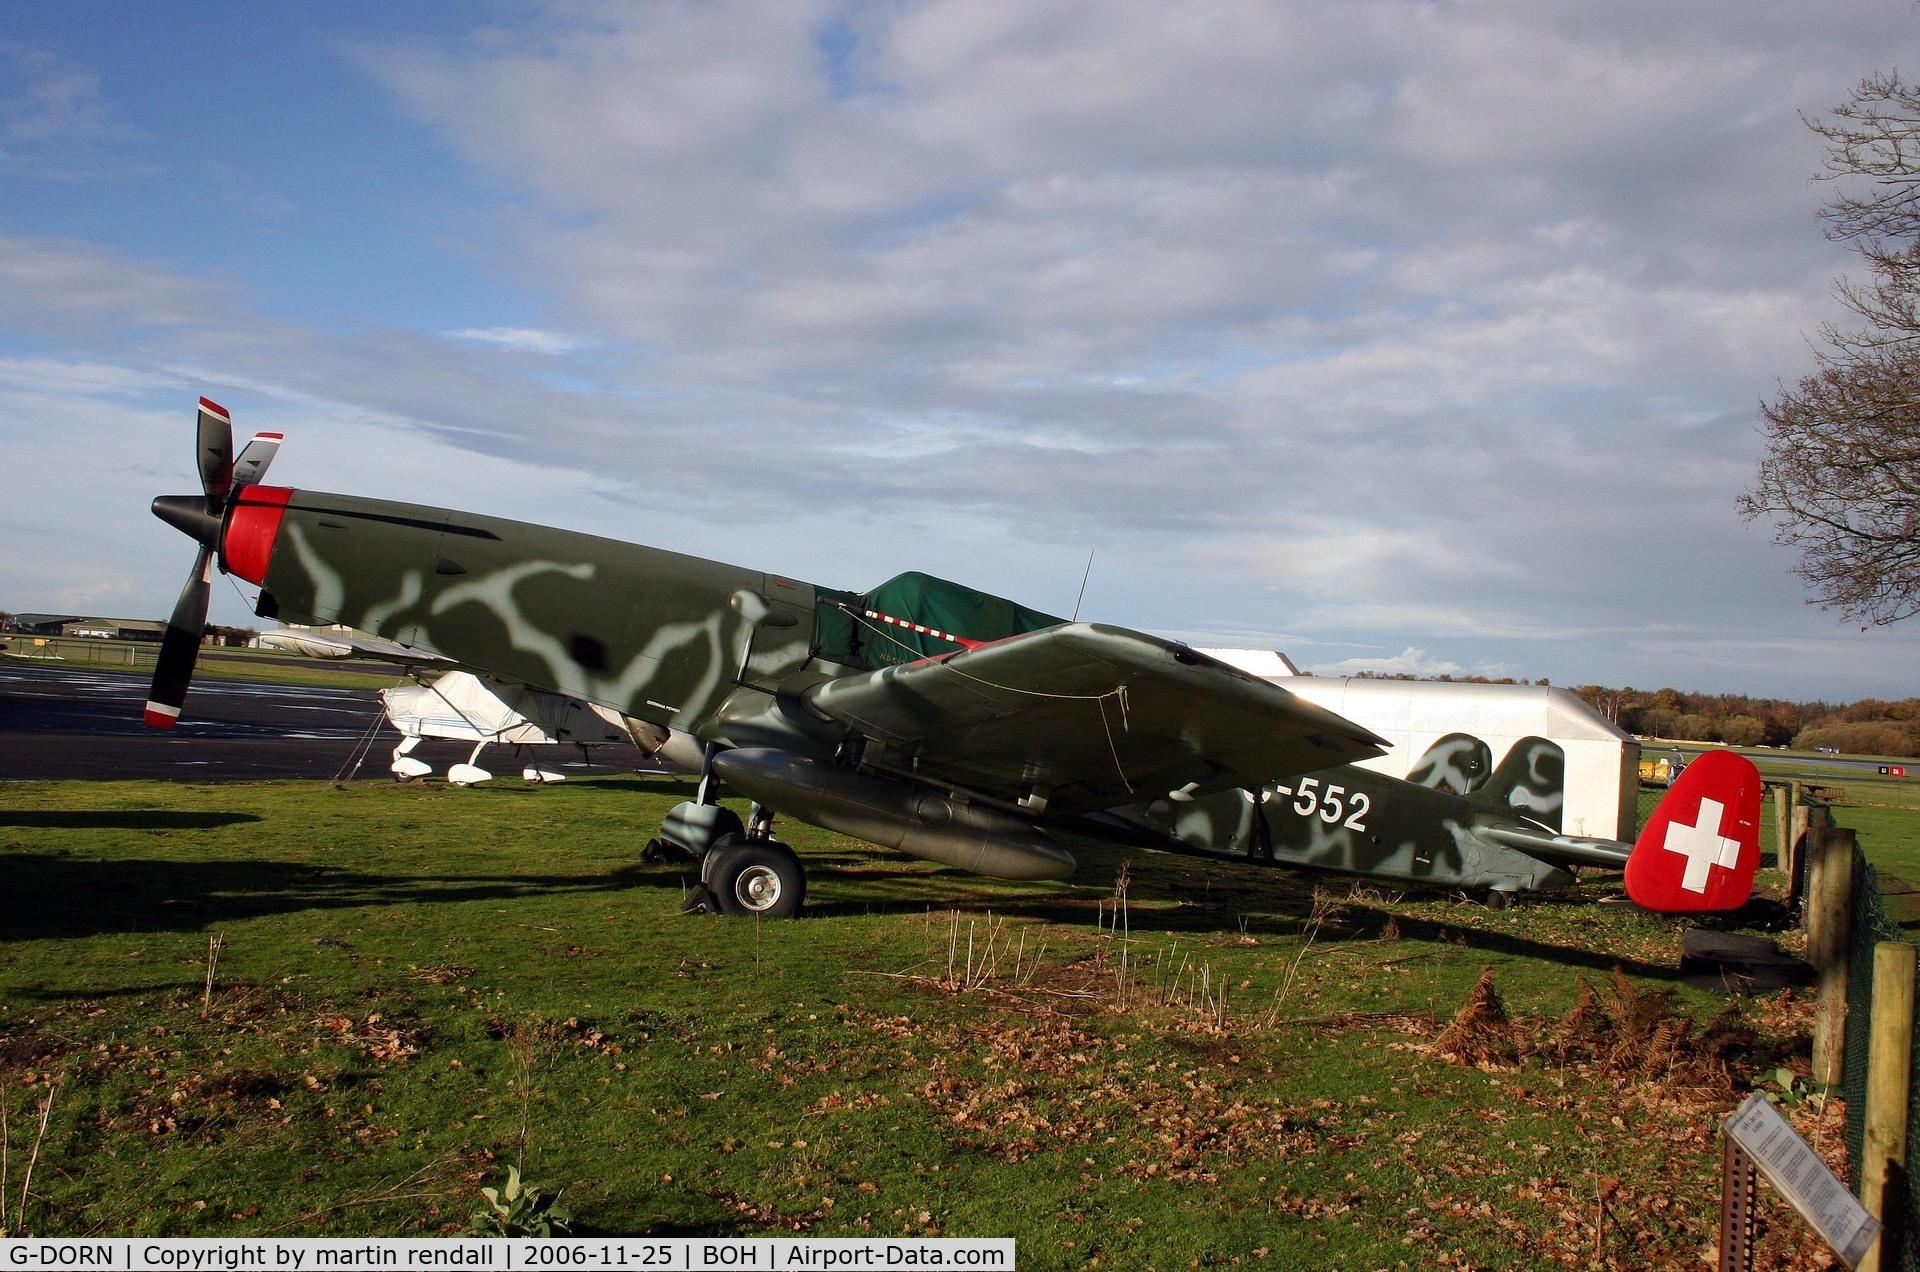 G-DORN, 1948 F+W C-3605 Schlepp C/N 332, DORNIER C-3605